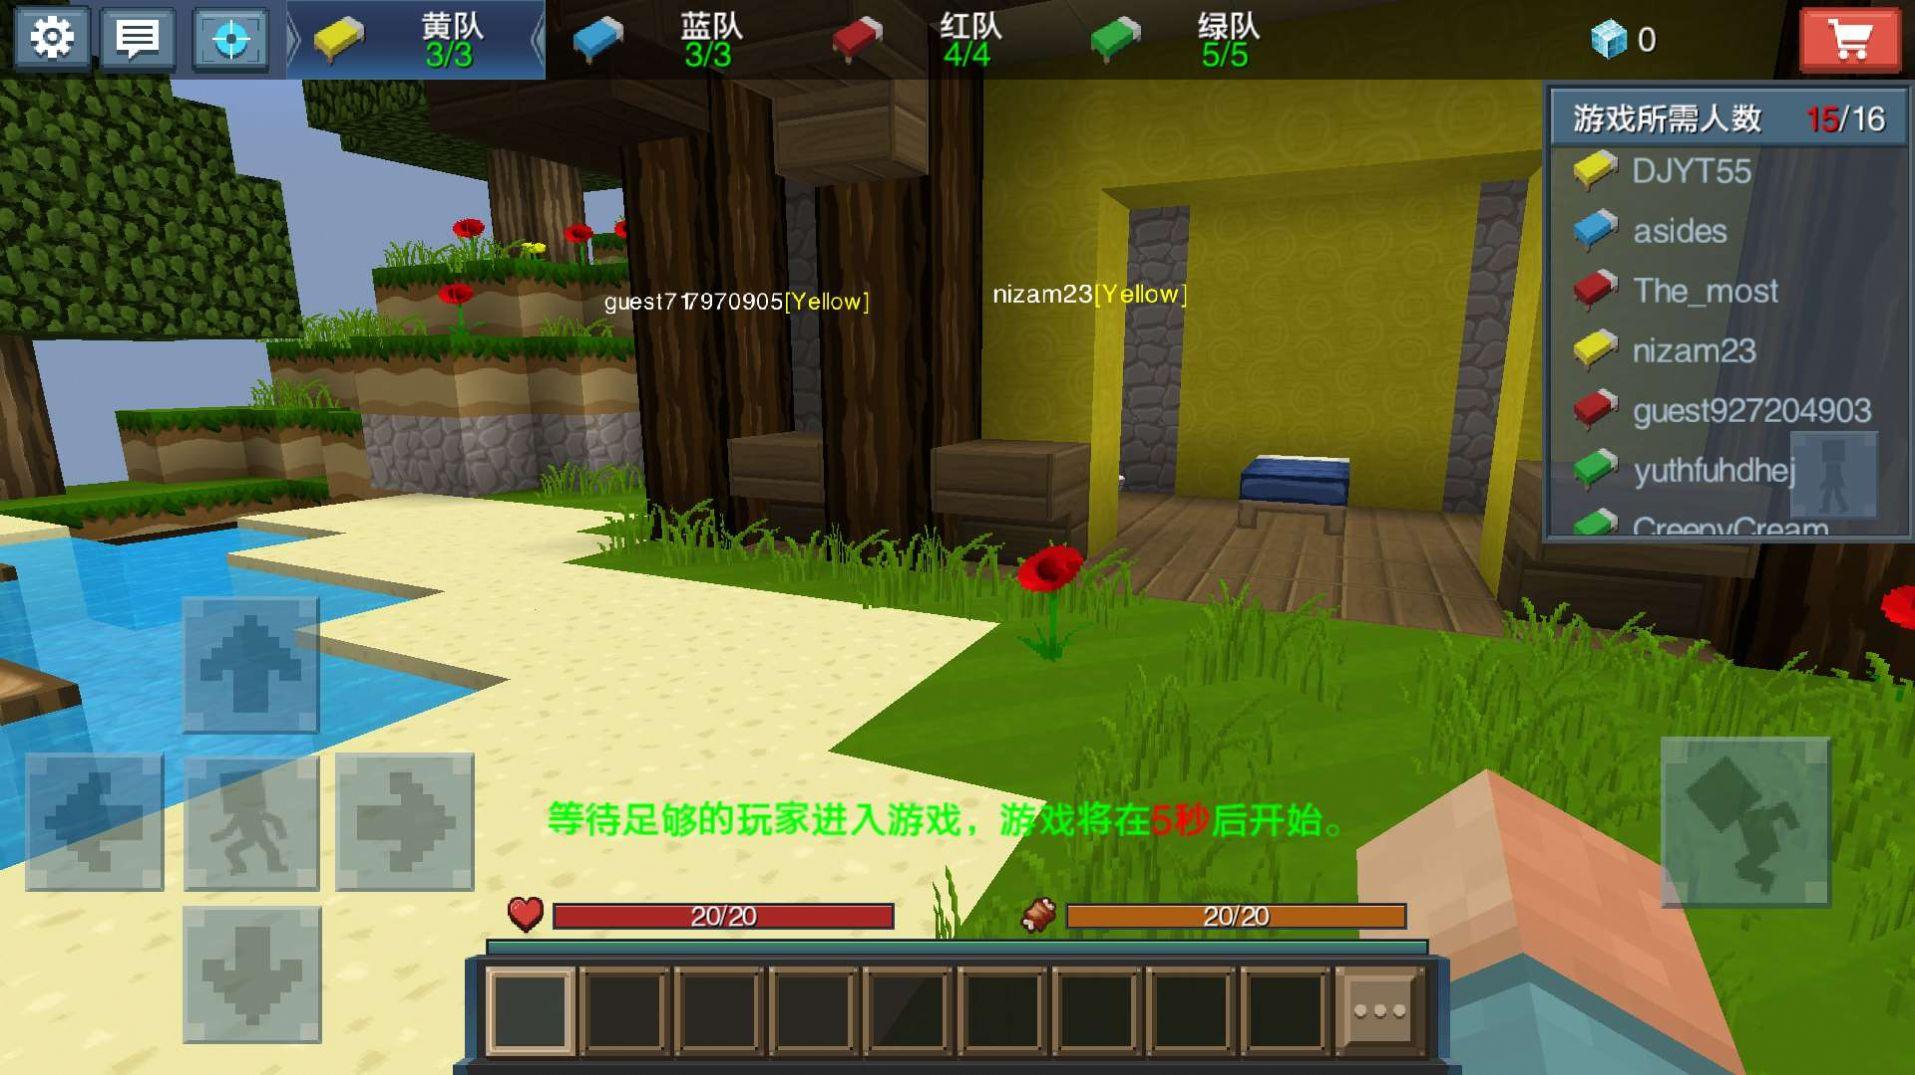 起床战争1.8.3中文版手机版图5: